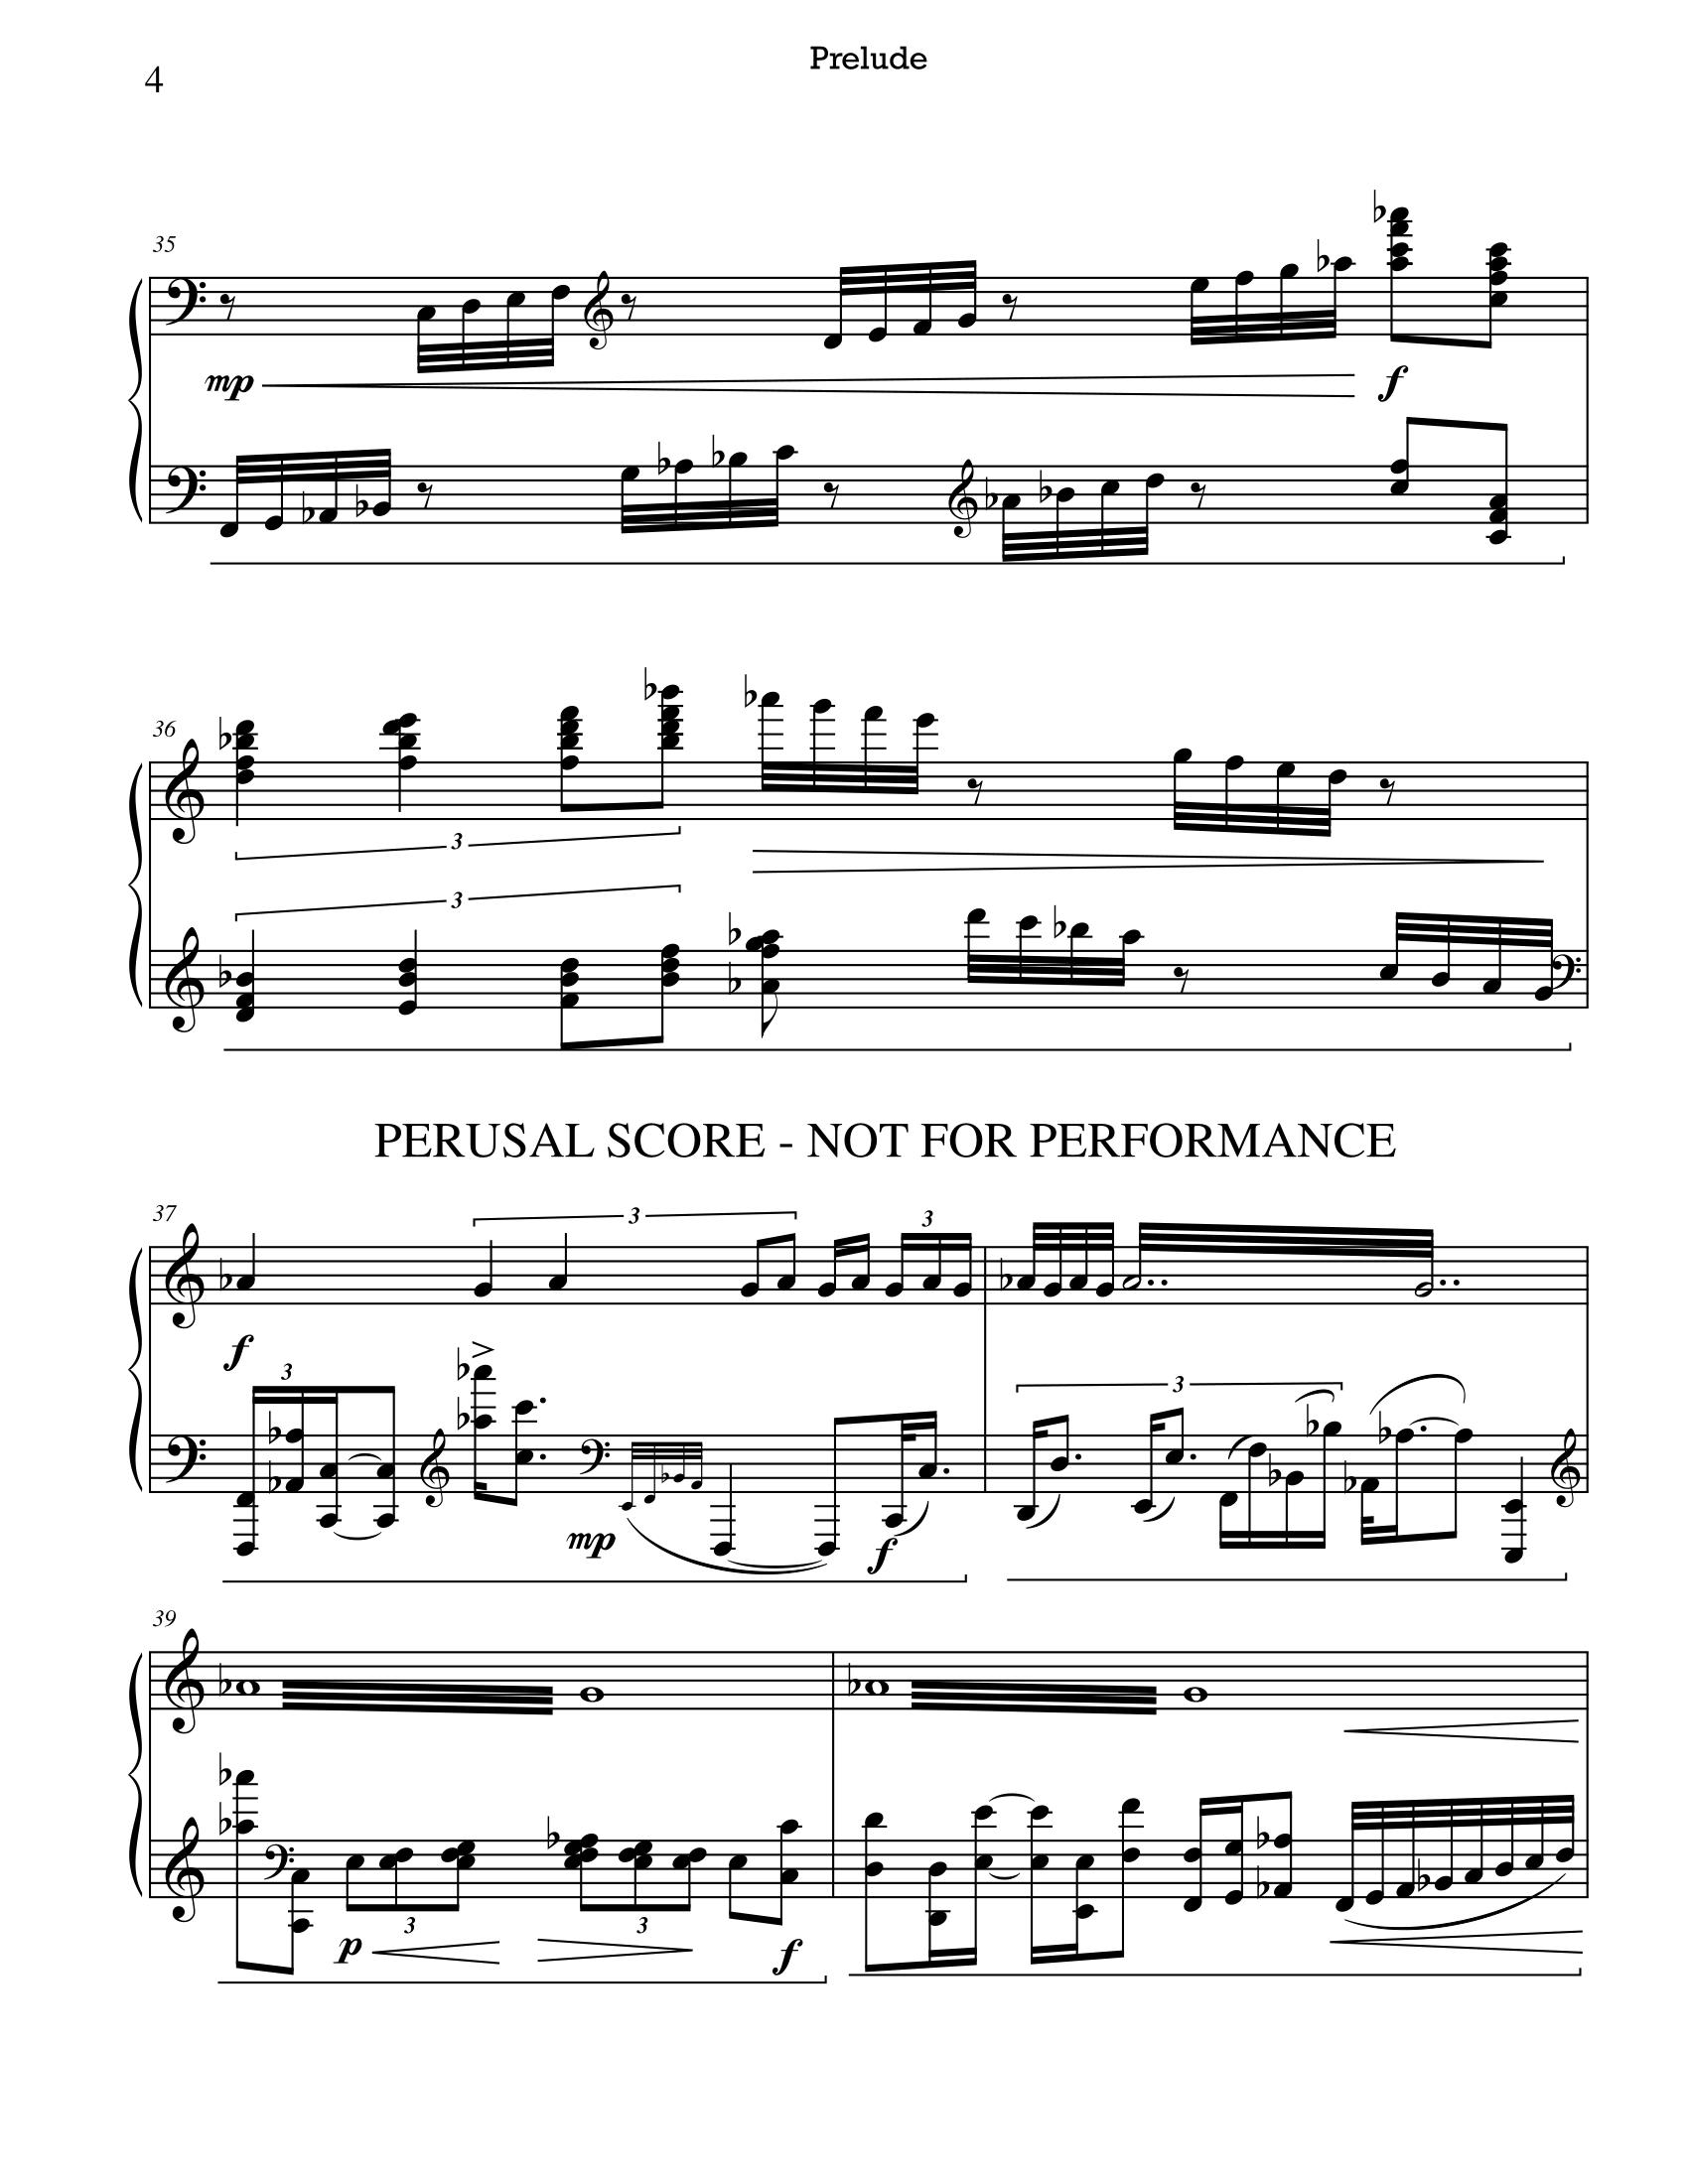 Prelude Perusal-6.png